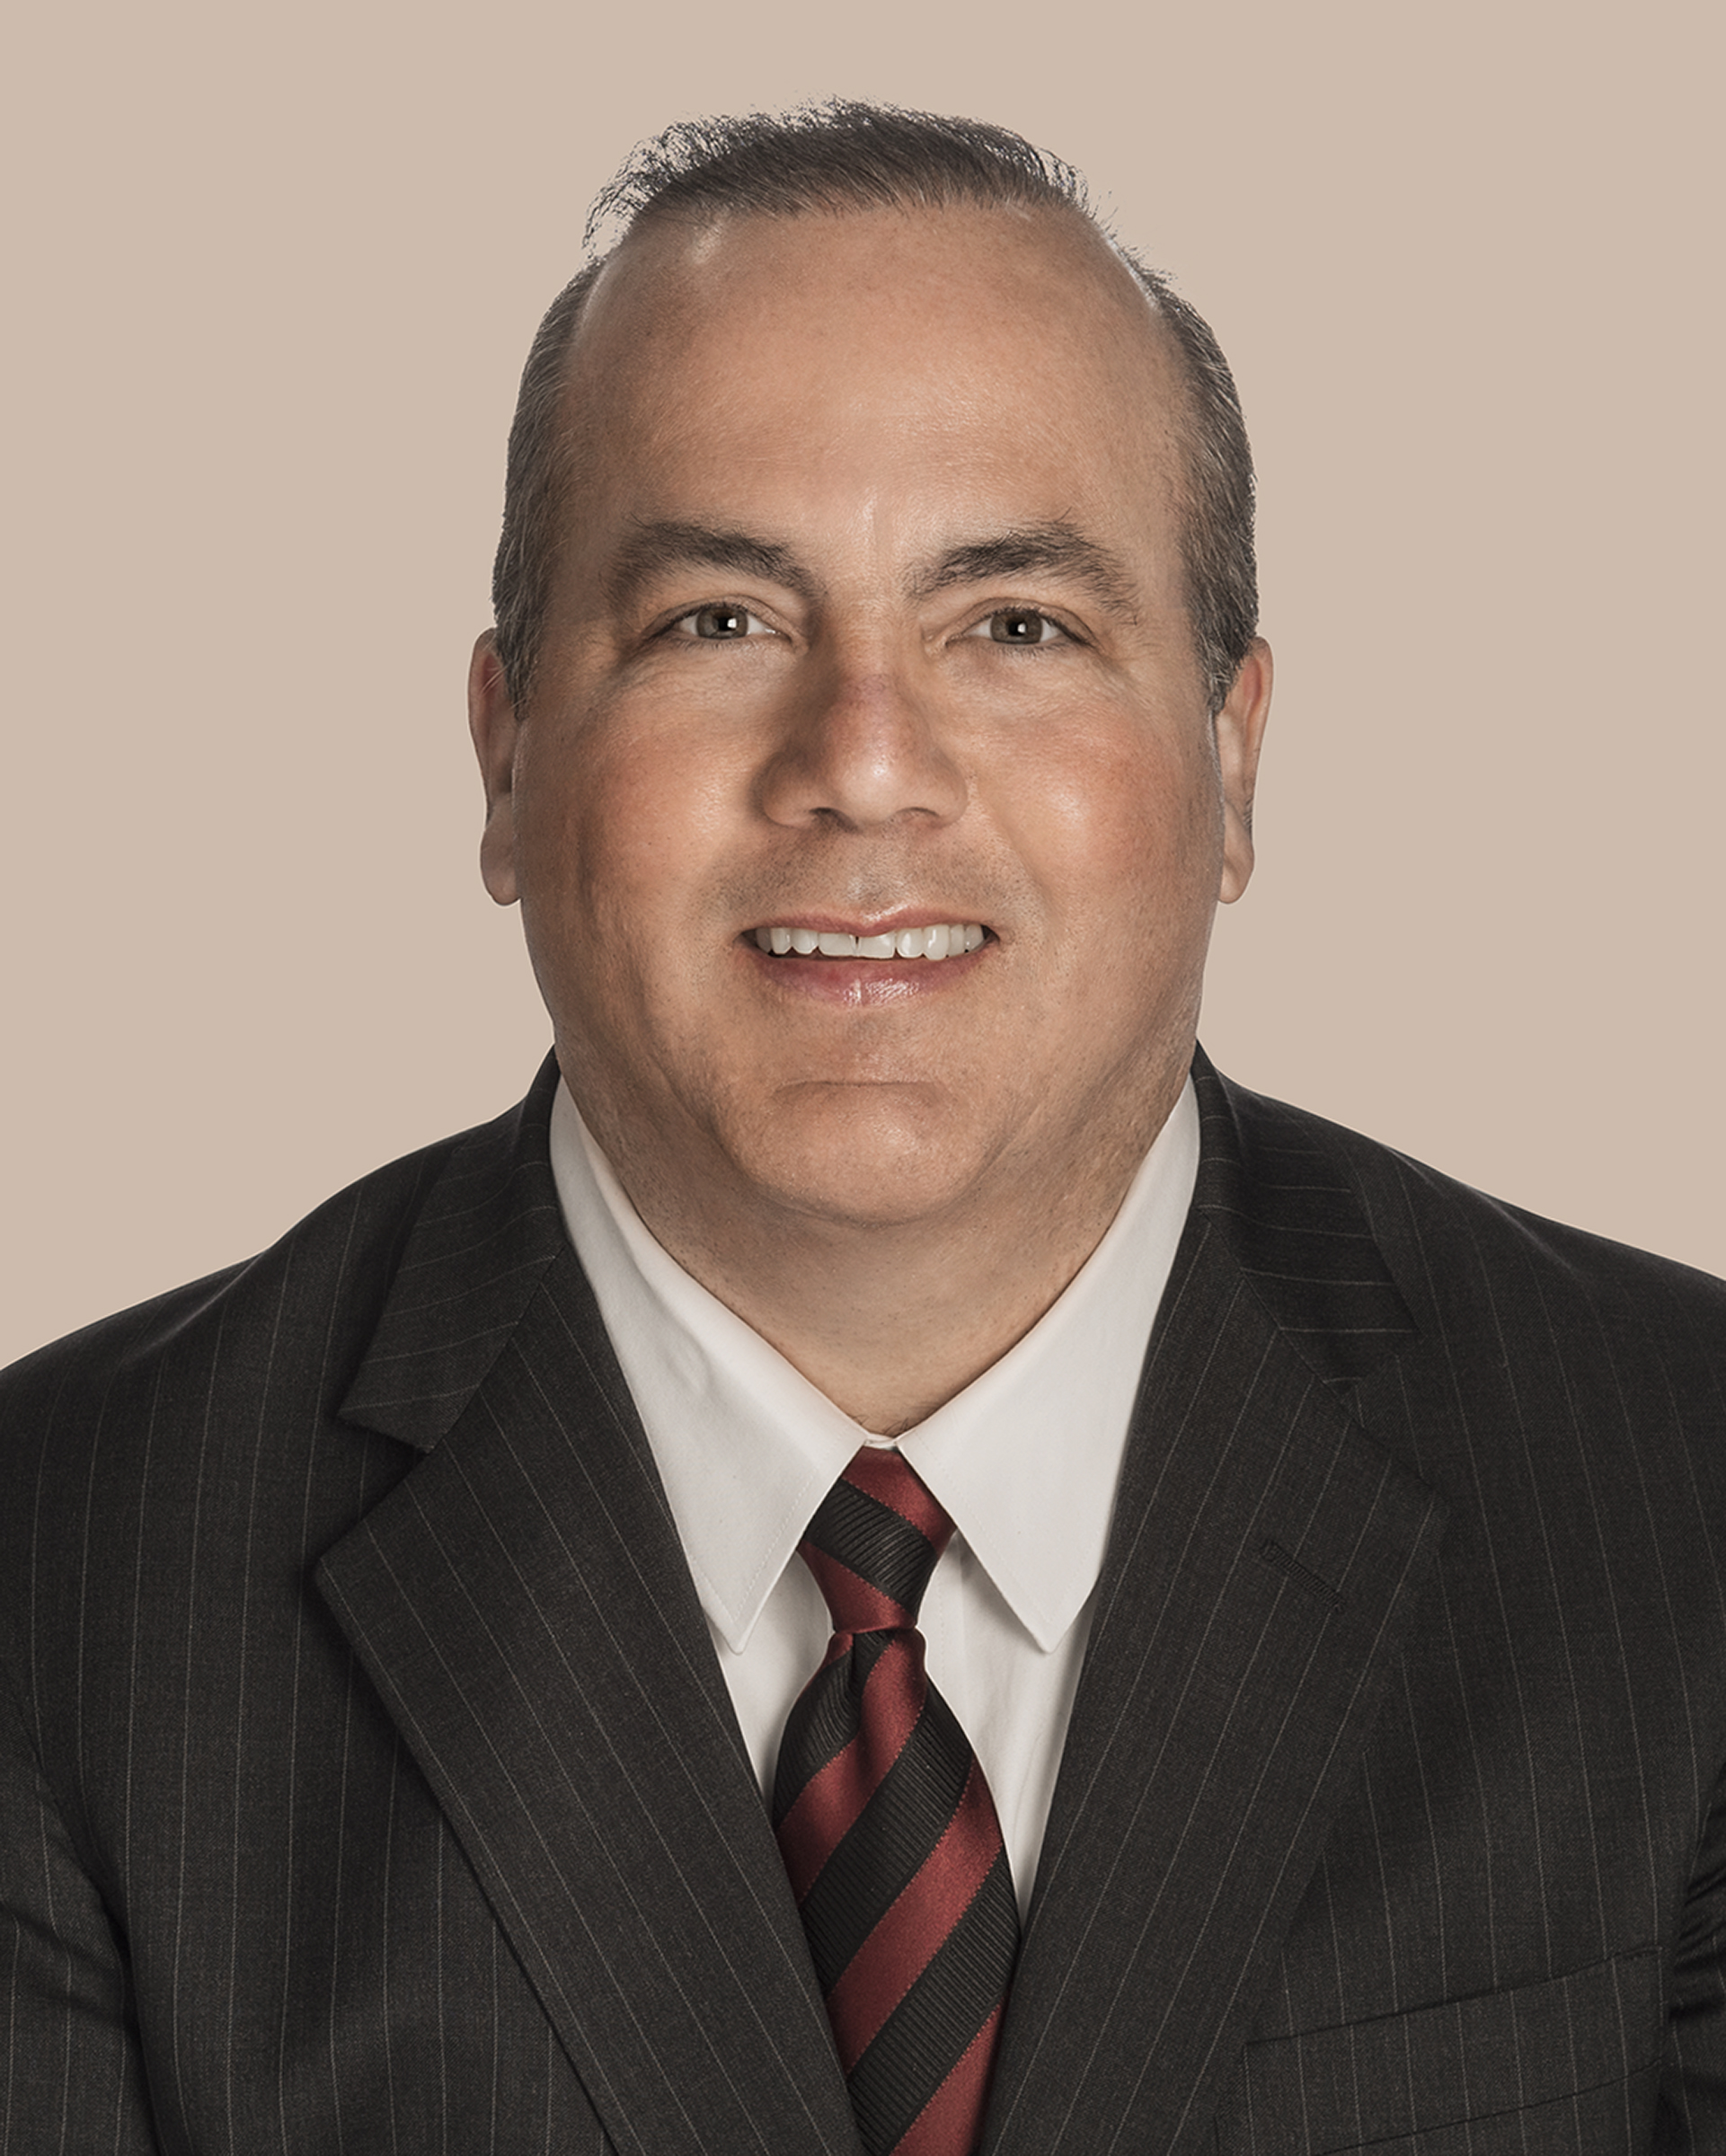 Steven MacNamara, CFA